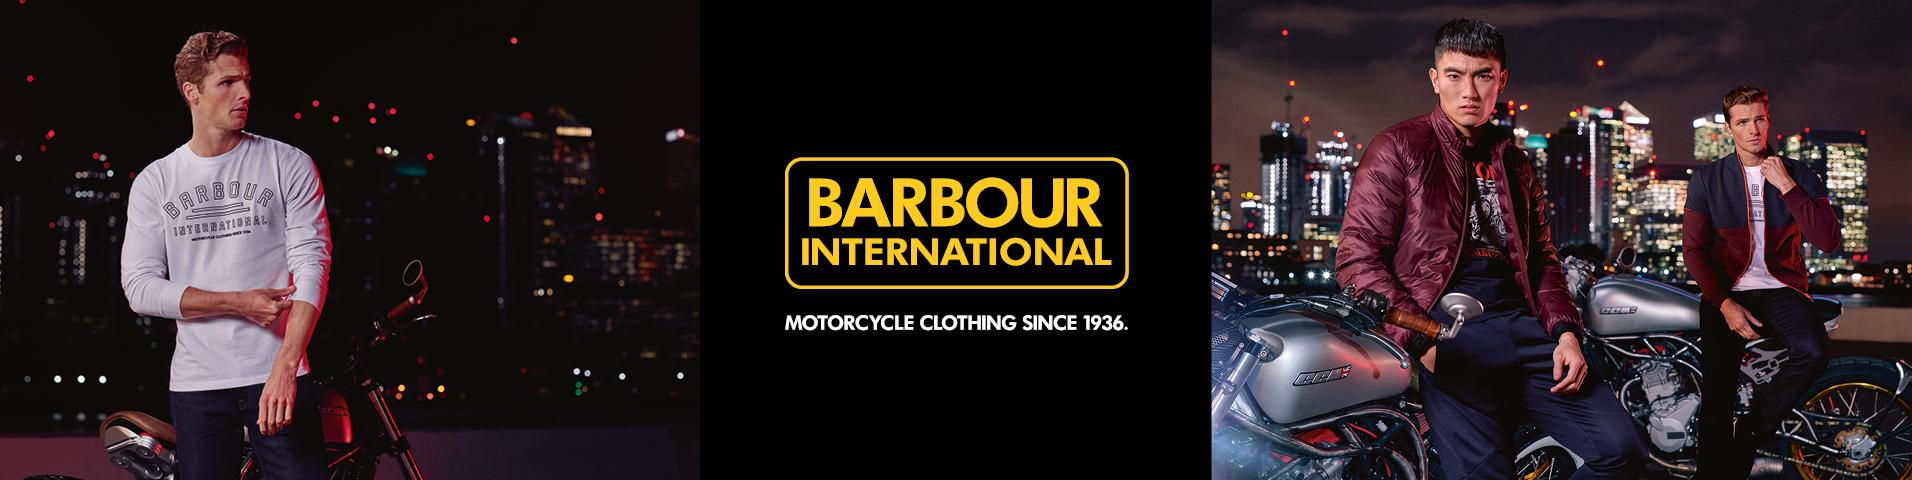 Barbour International Online Shop | Barbour International